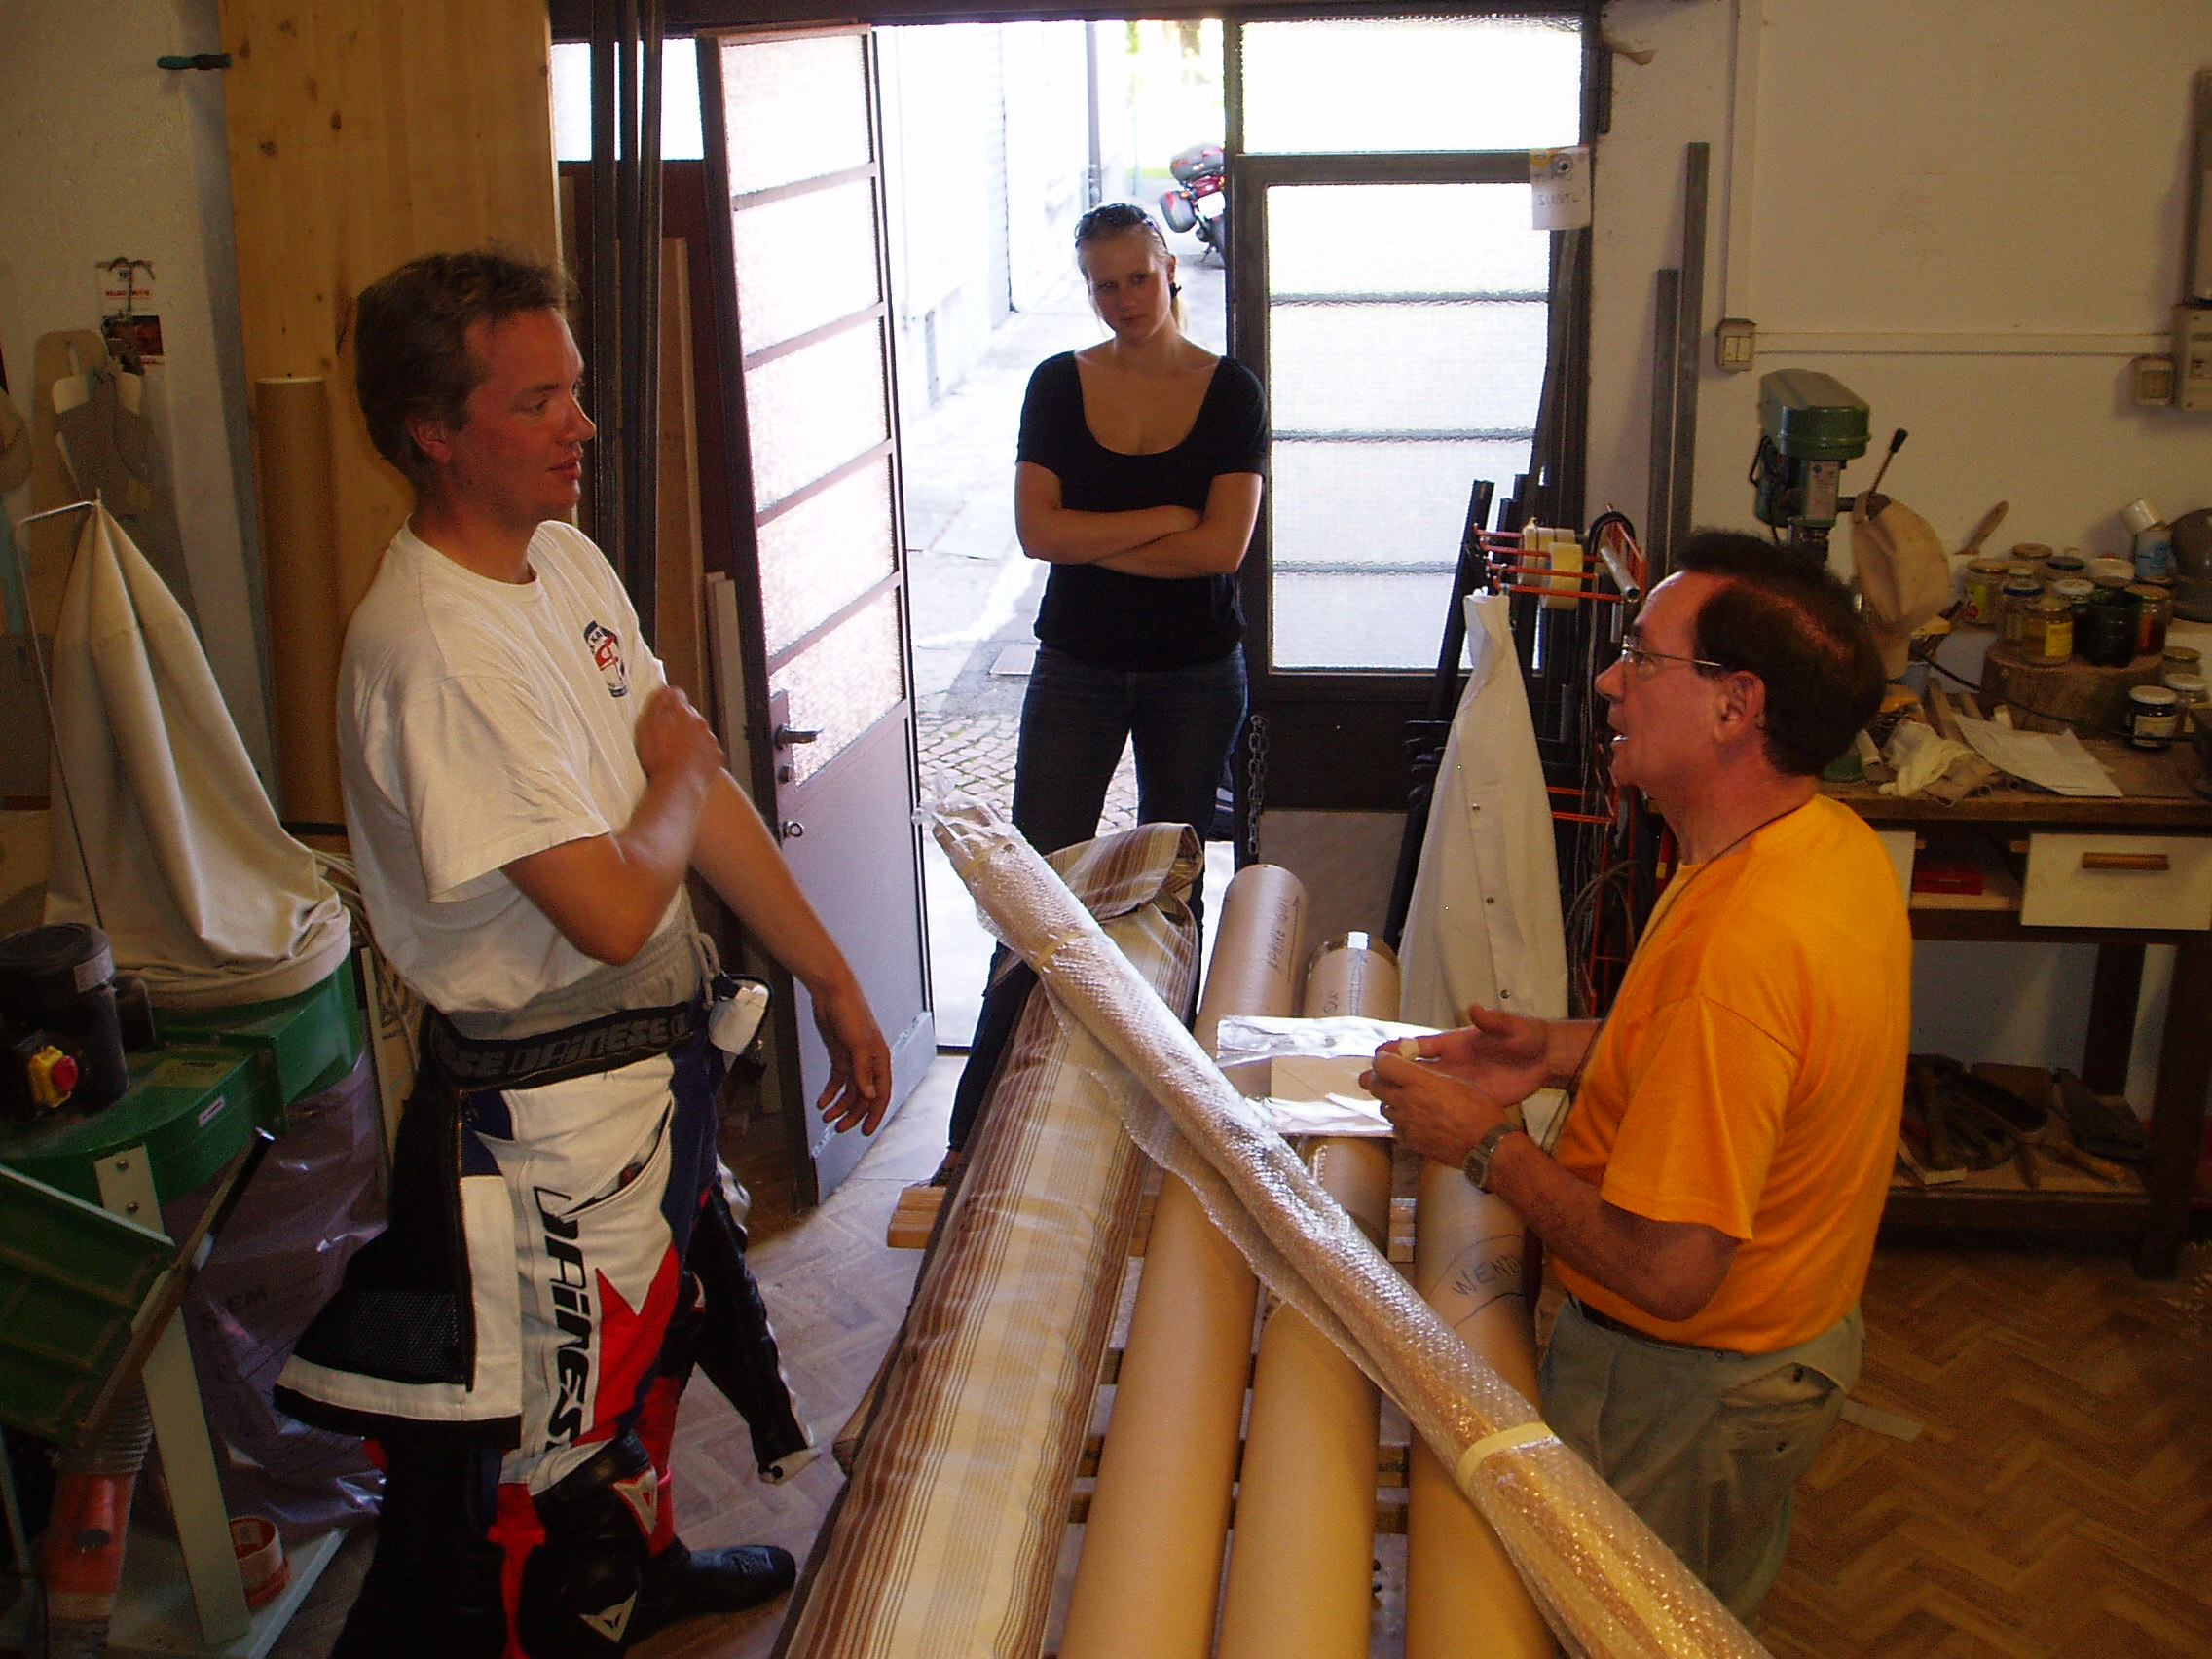 Nicola de Florio in his workshop